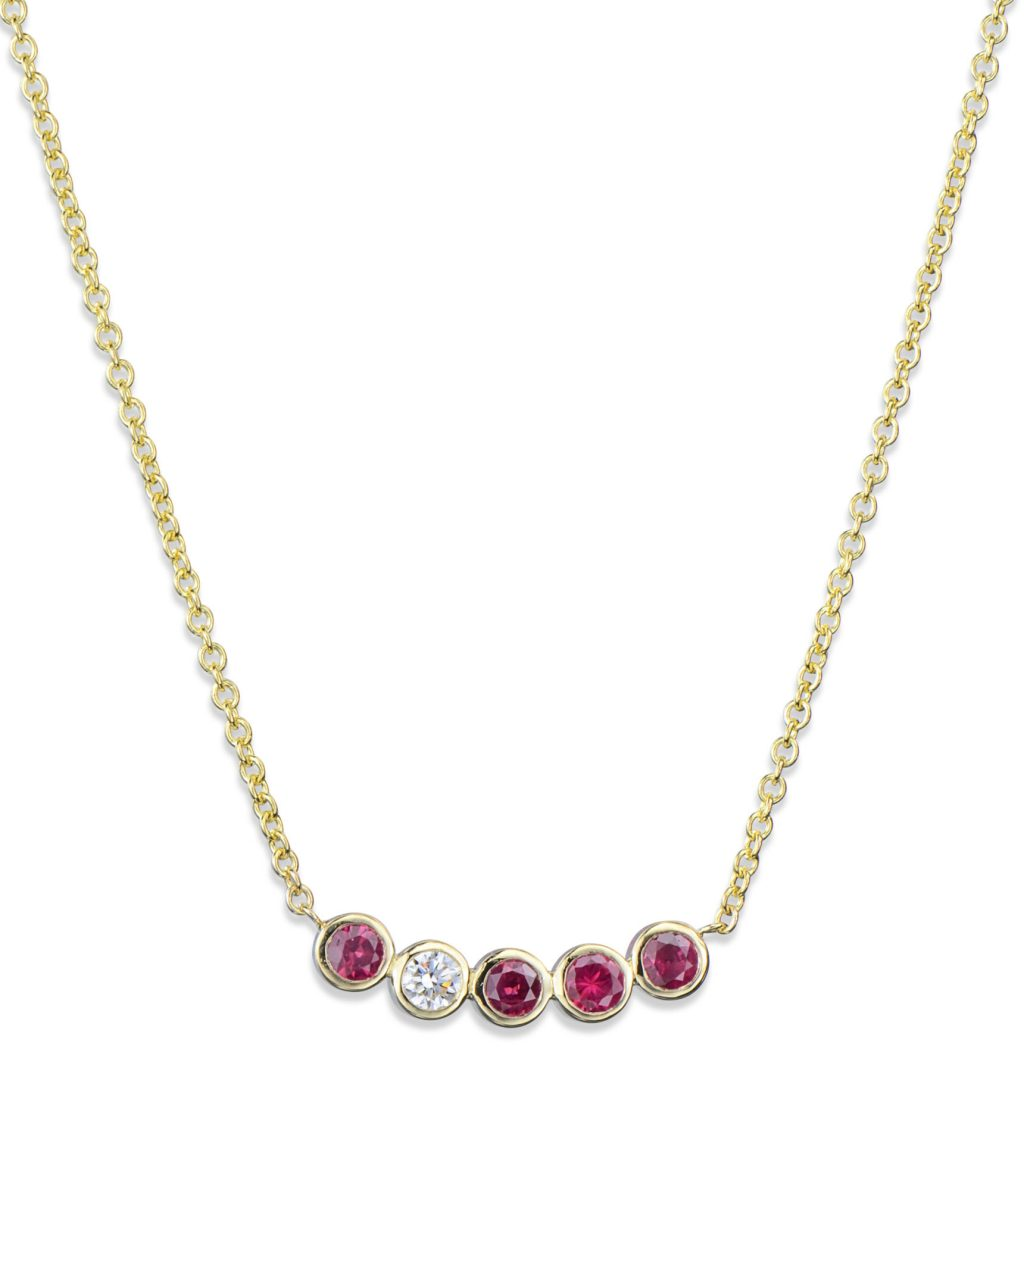 Bezel-Set Ruby and Diamond Necklace